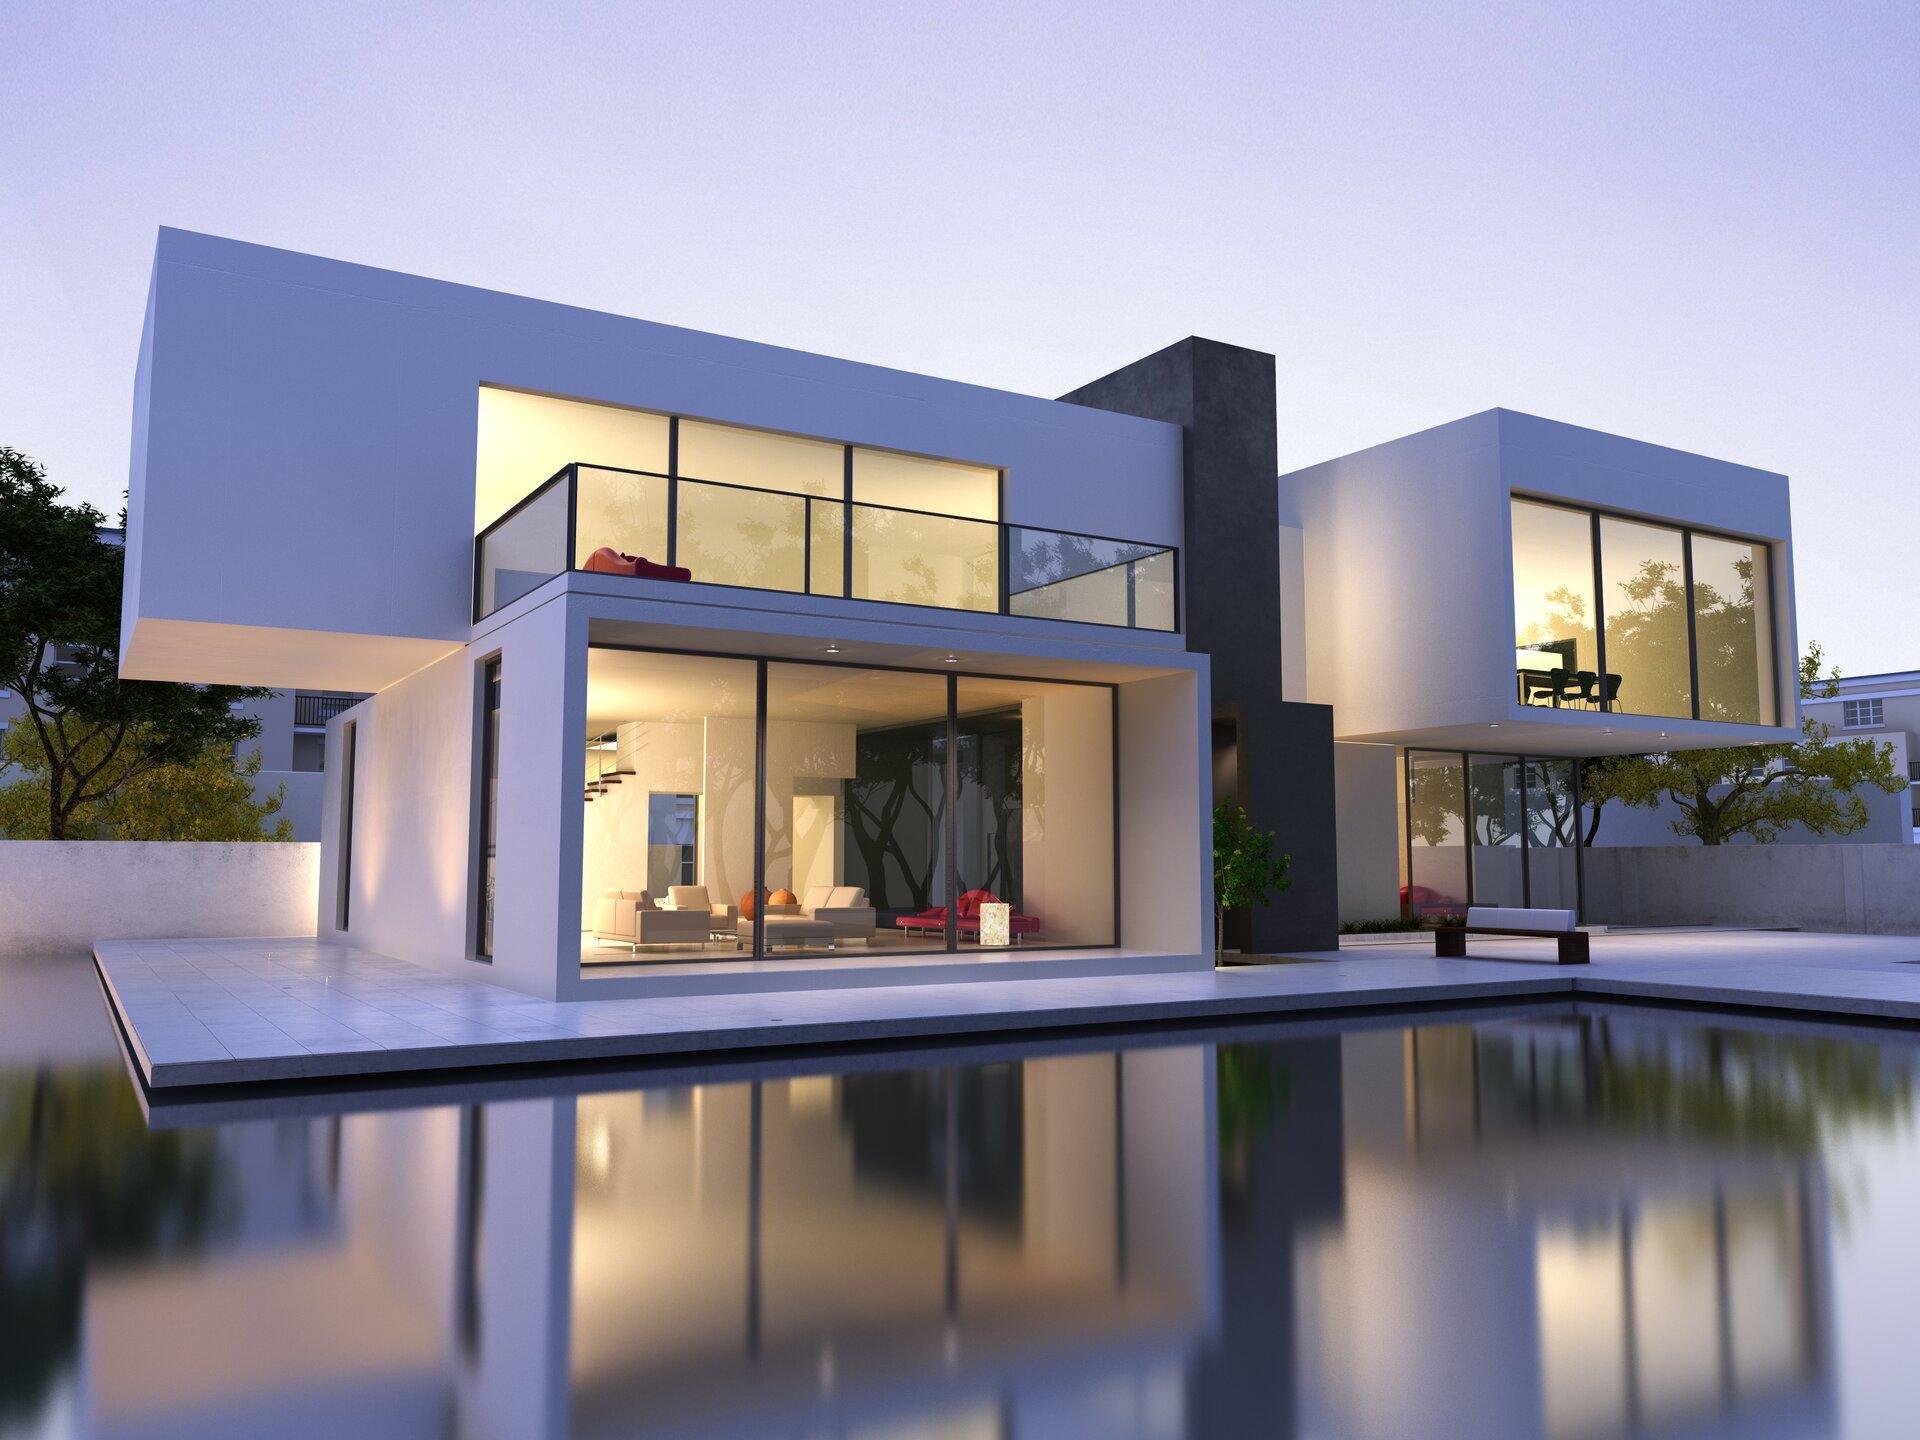 """""""Ilustracja przedstawia trójwymiarową wizję komputerową projektowanego budynku. Na zdjęciu widzimy dom wraz ztarasem. Widoczne są duże oszklone ściany budynku. Jest on wkolorze białym. Przez oszklone ściany widoczne jest urządzone wnętrze domu. Dom ma dwa piętra, ana piętrze znajduje się taras. Na ilustracji umieszczony jest niebieski pulsujący punkt. Po kliknięciu kursorem myszki wyświetlą się dodatkowe informacje."""""""